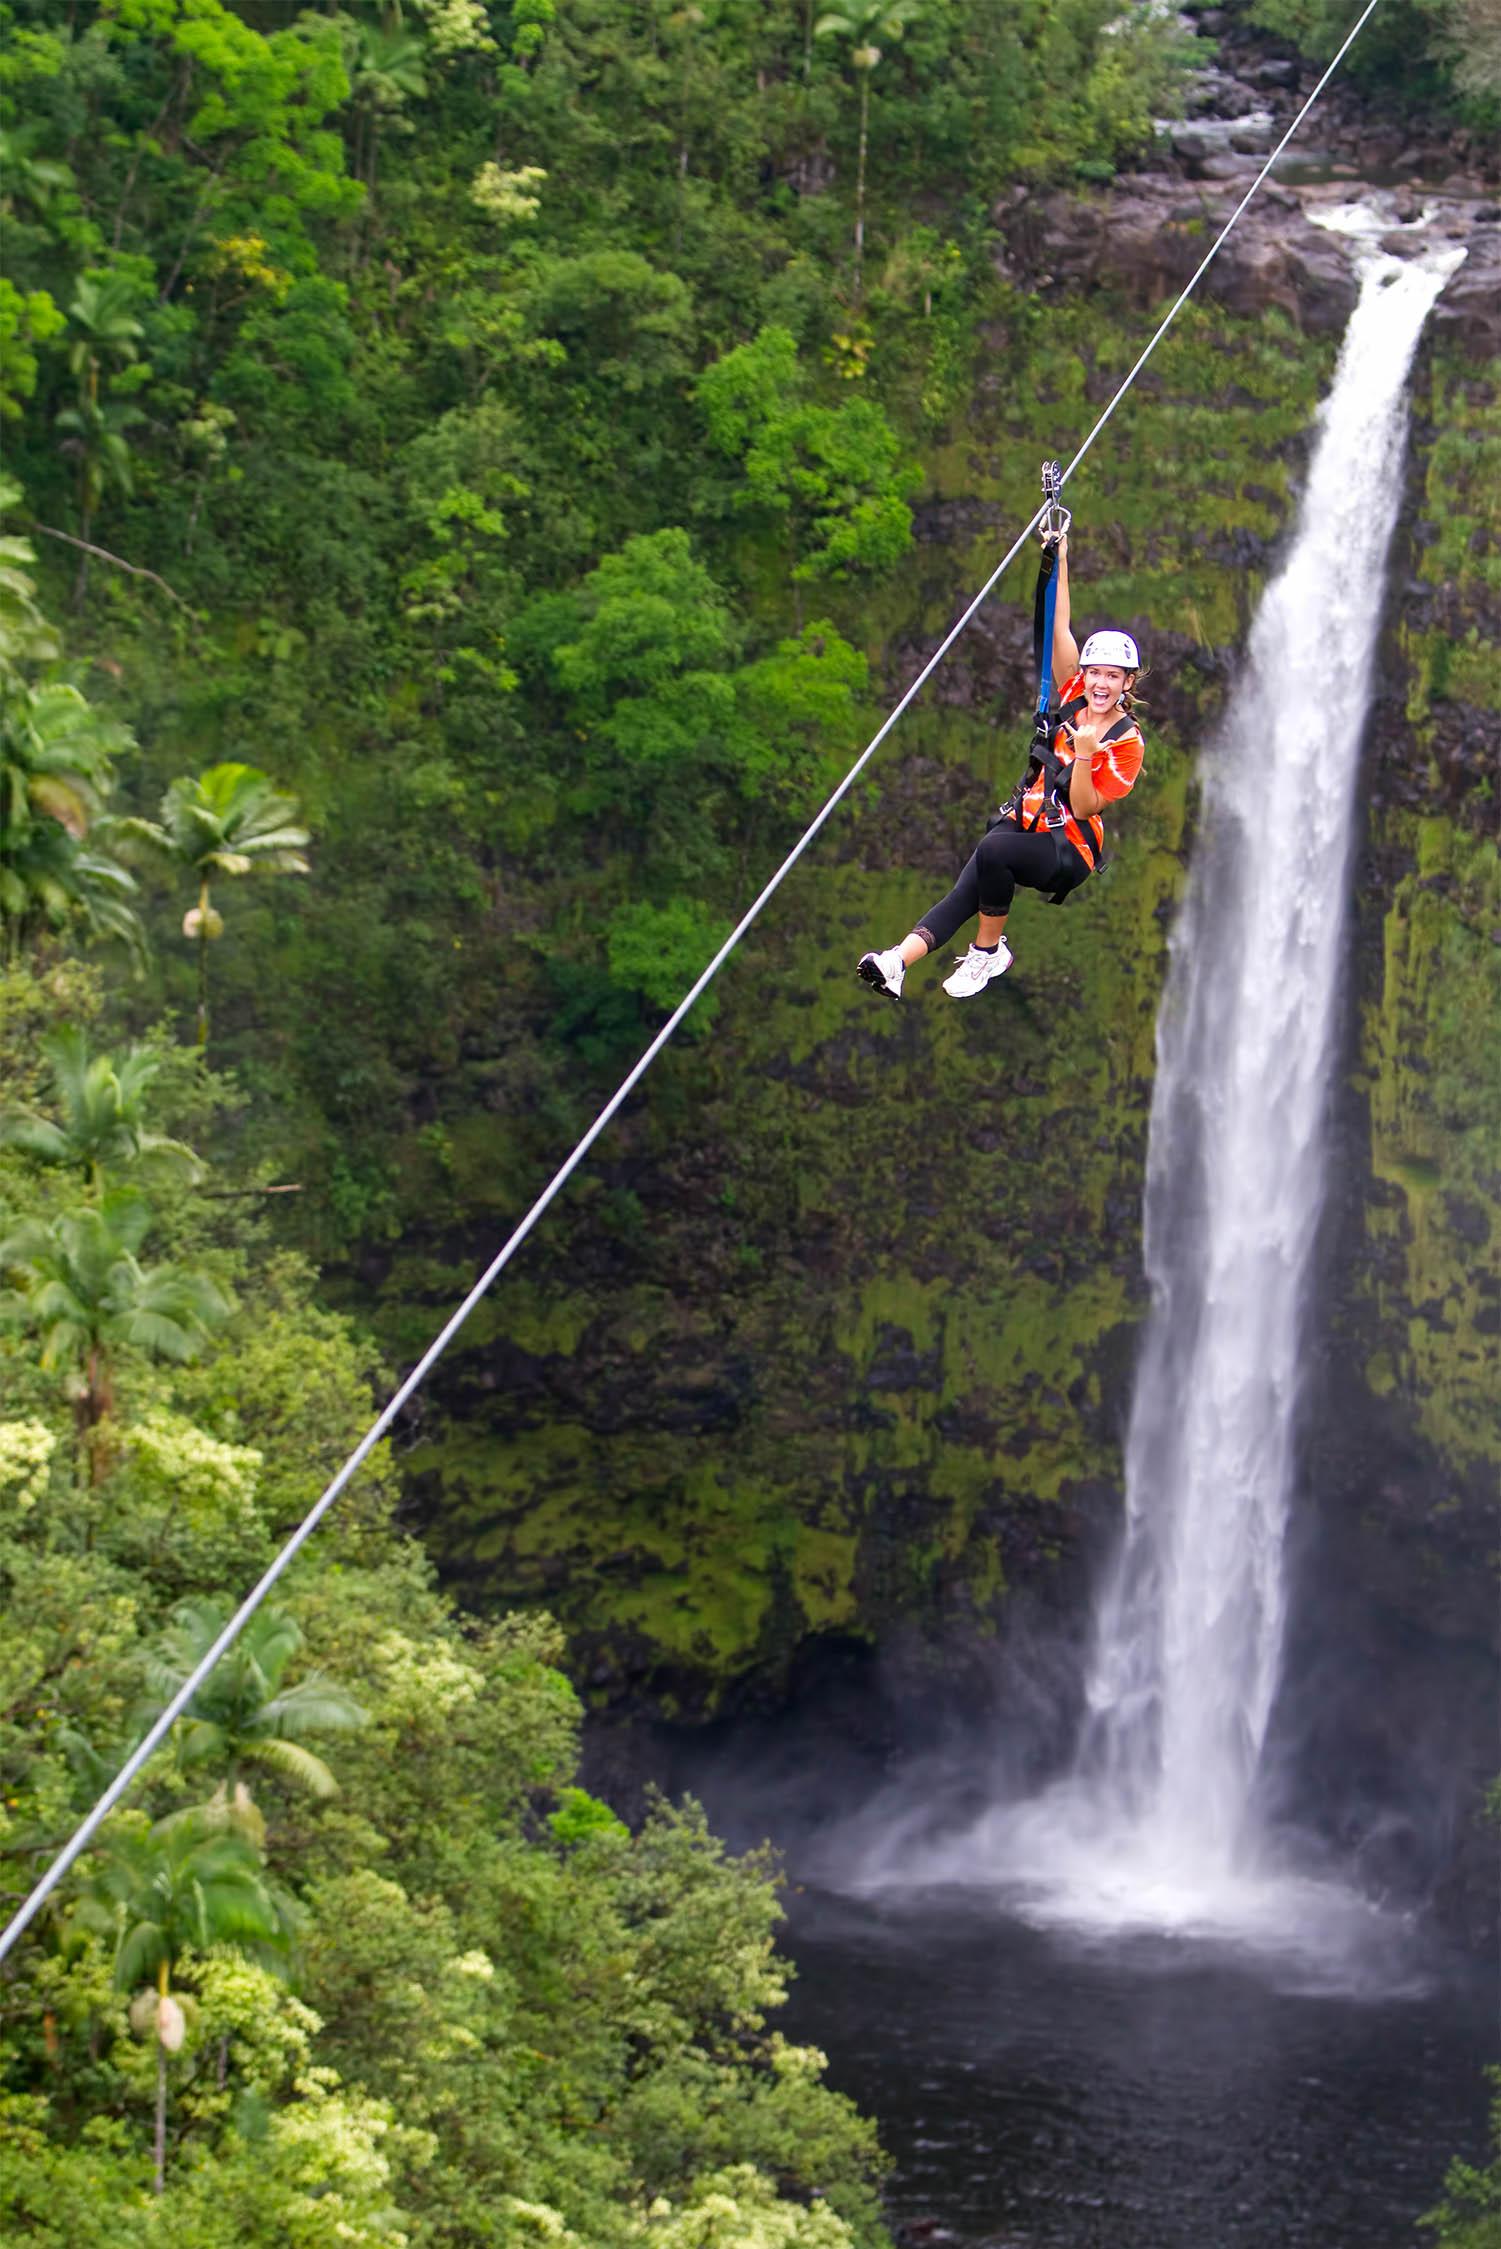 big island zipline tour in akaka falls hawaii zipline com